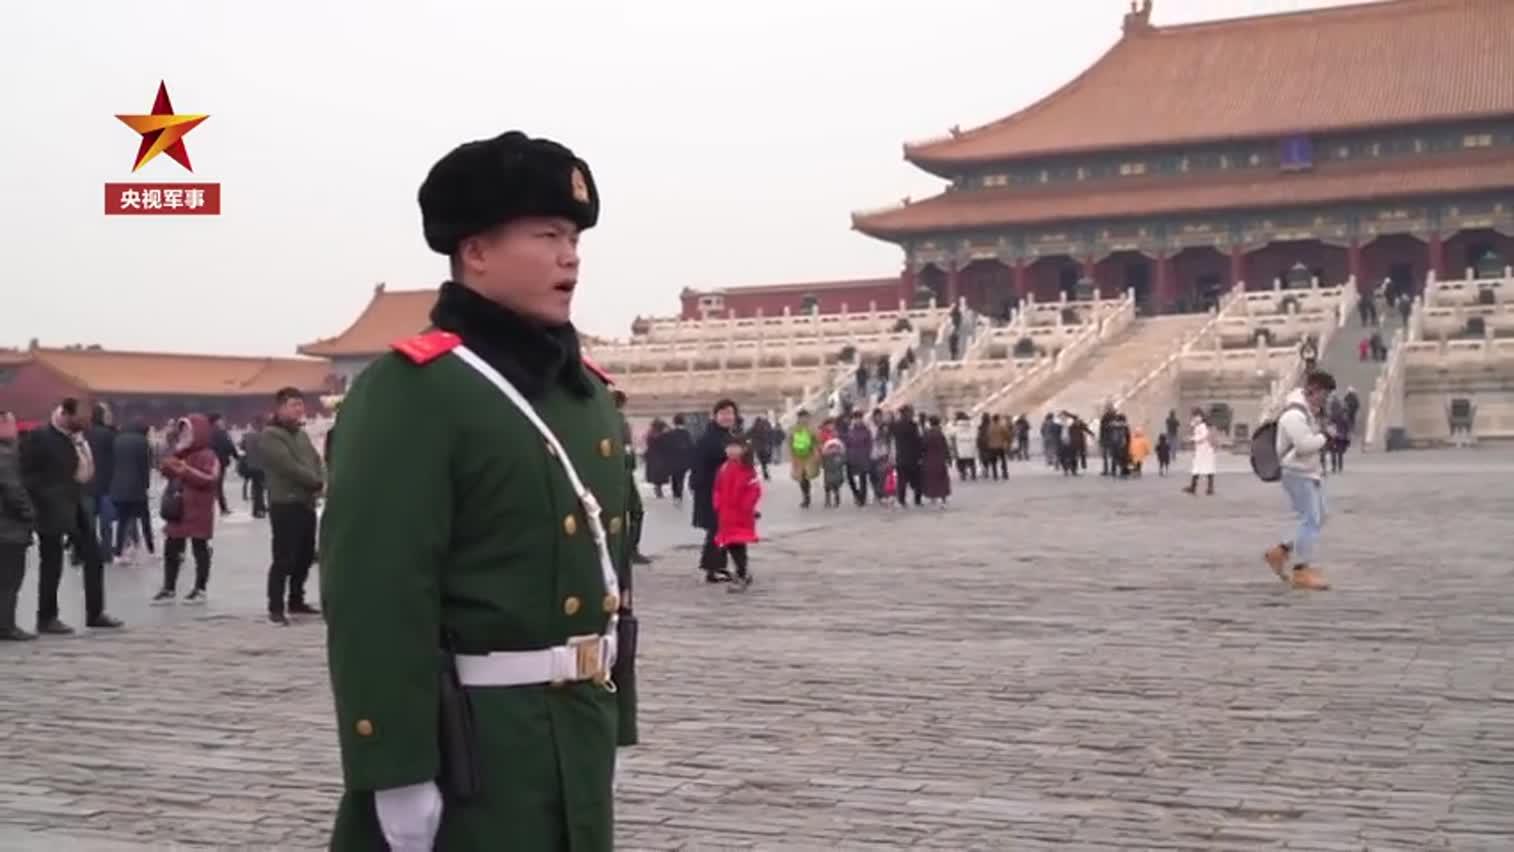 视频-故宫初雪中老兵站完最后一班岗